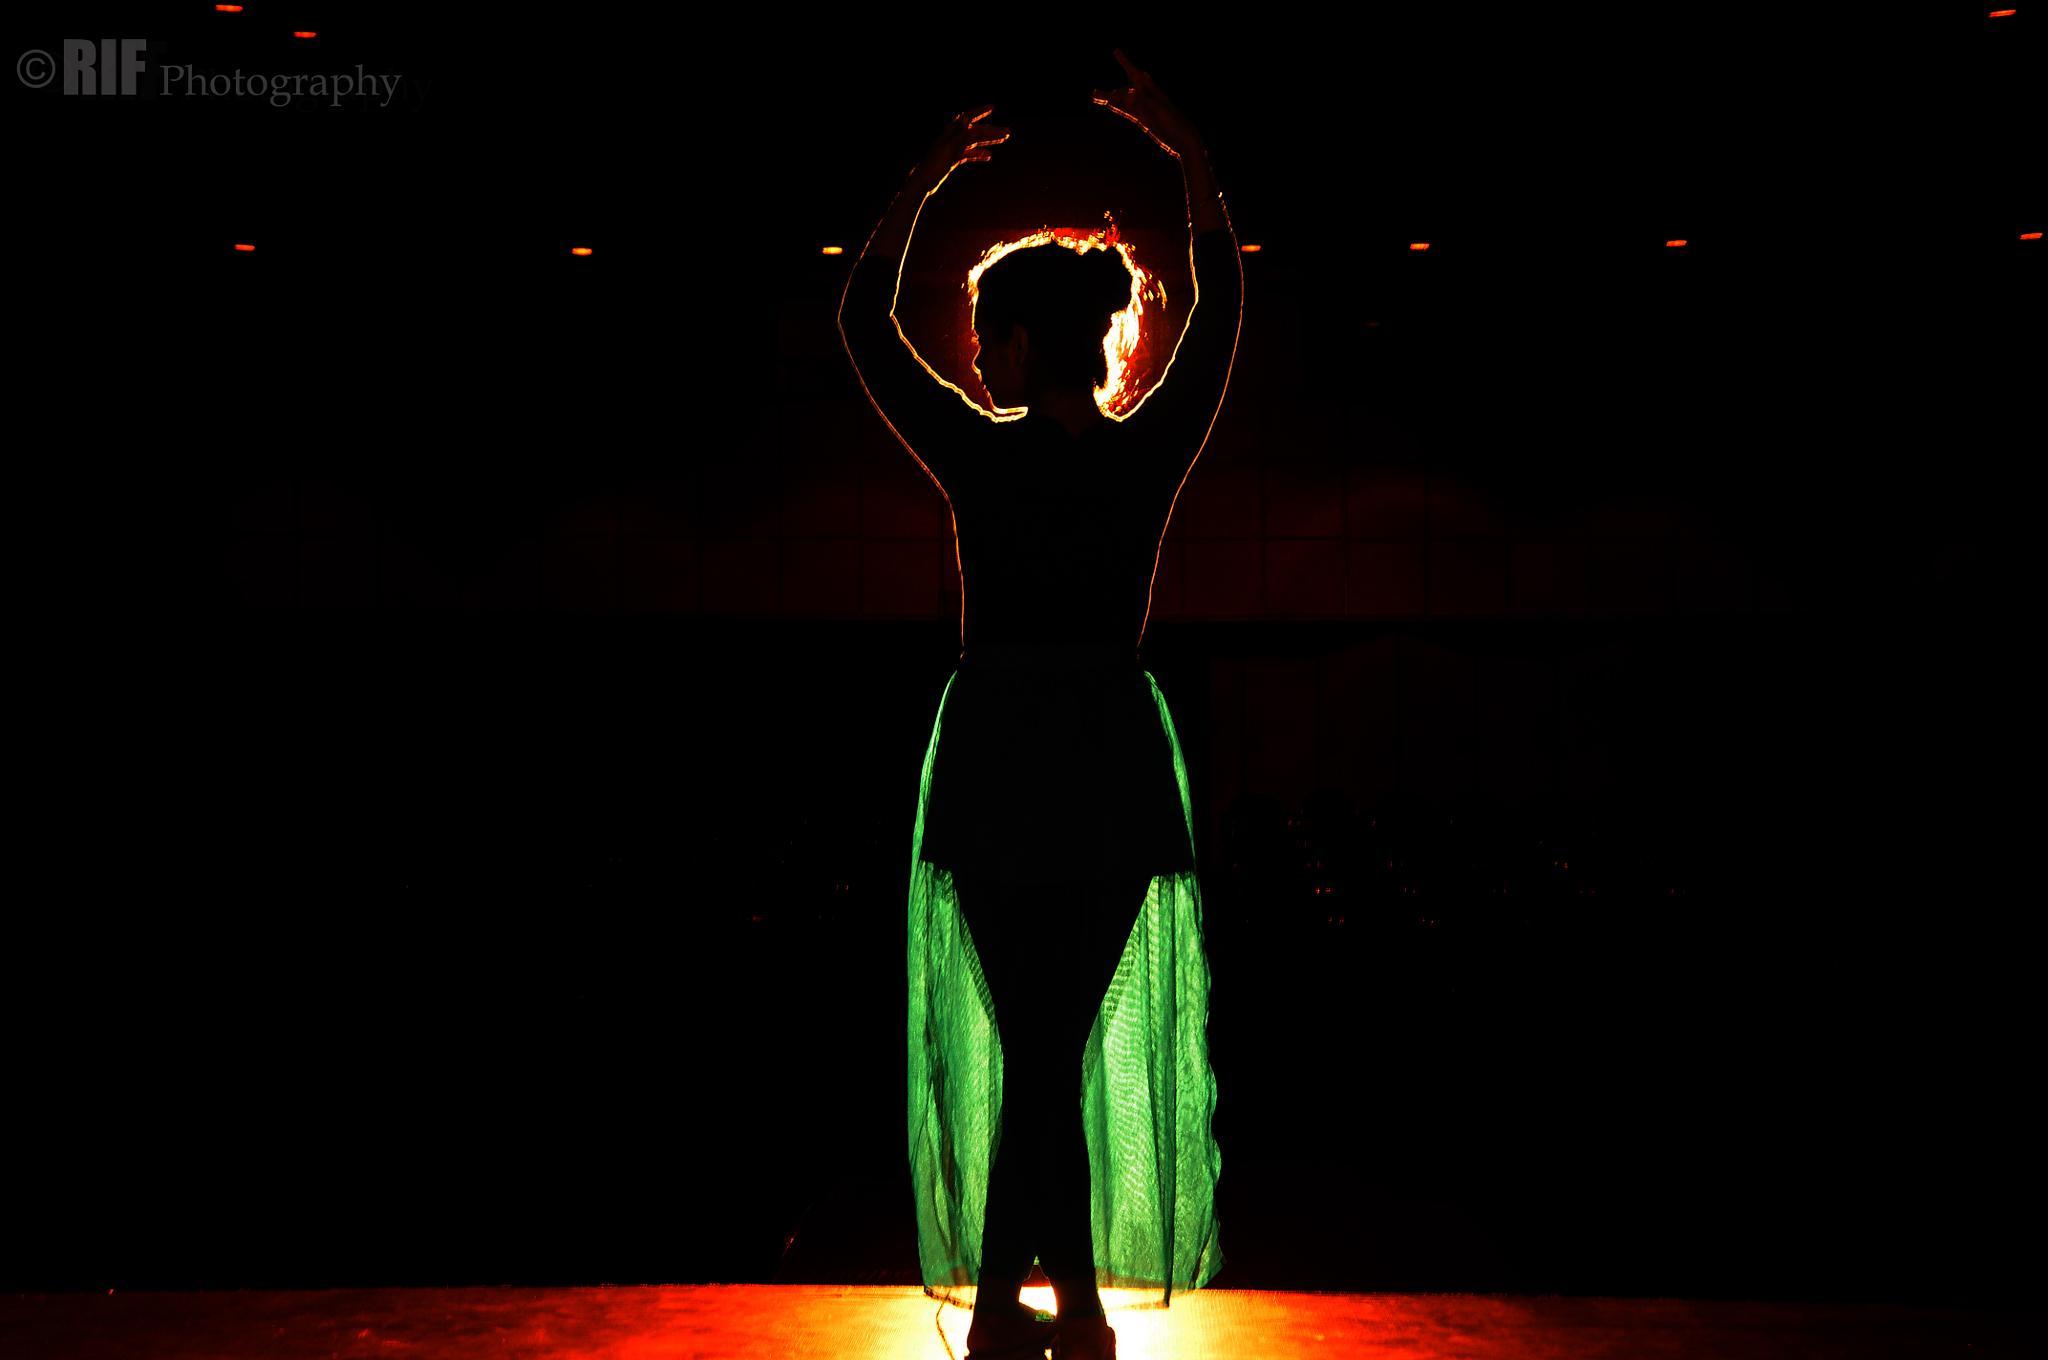 Silhouette Of Beauty by MOHD.RIFAT NAWAZ